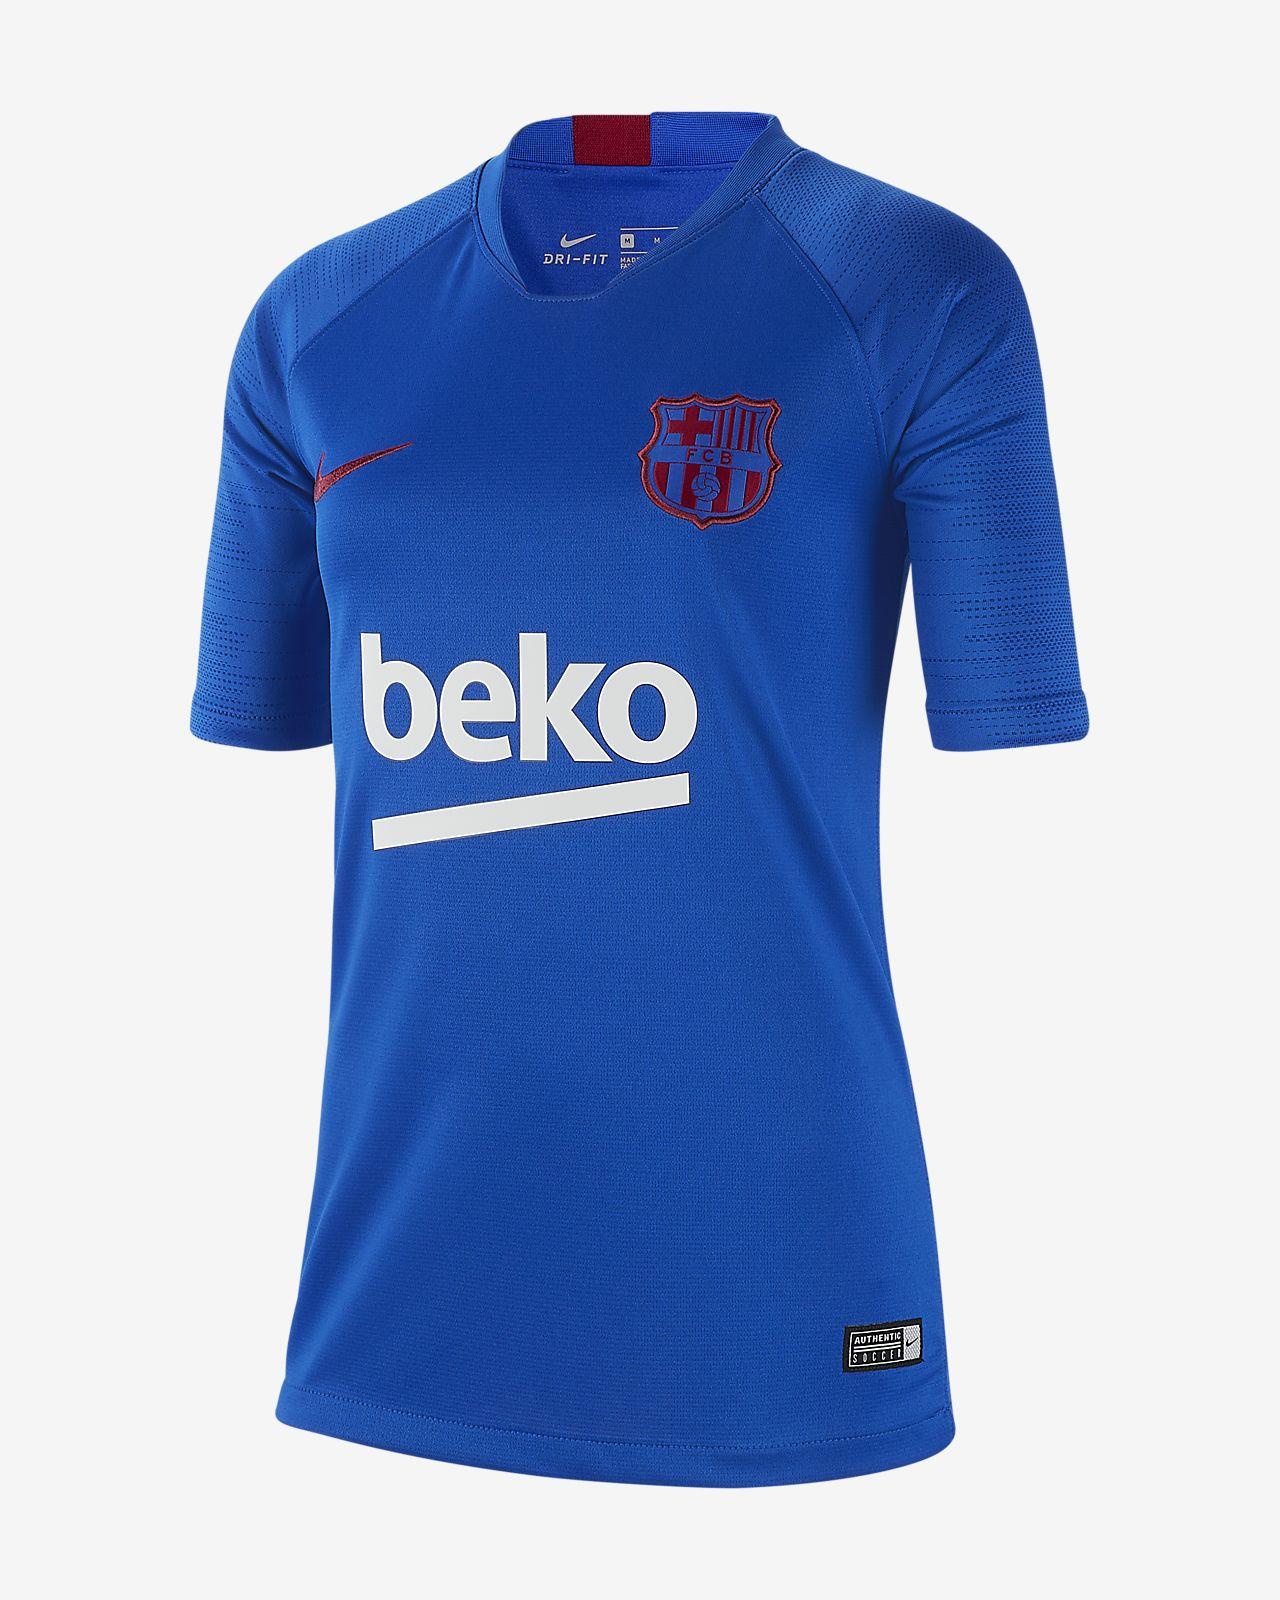 Κοντομάνικη ποδοσφαιρική μπλούζα FC Barcelona Strike για μεγάλα παιδιά